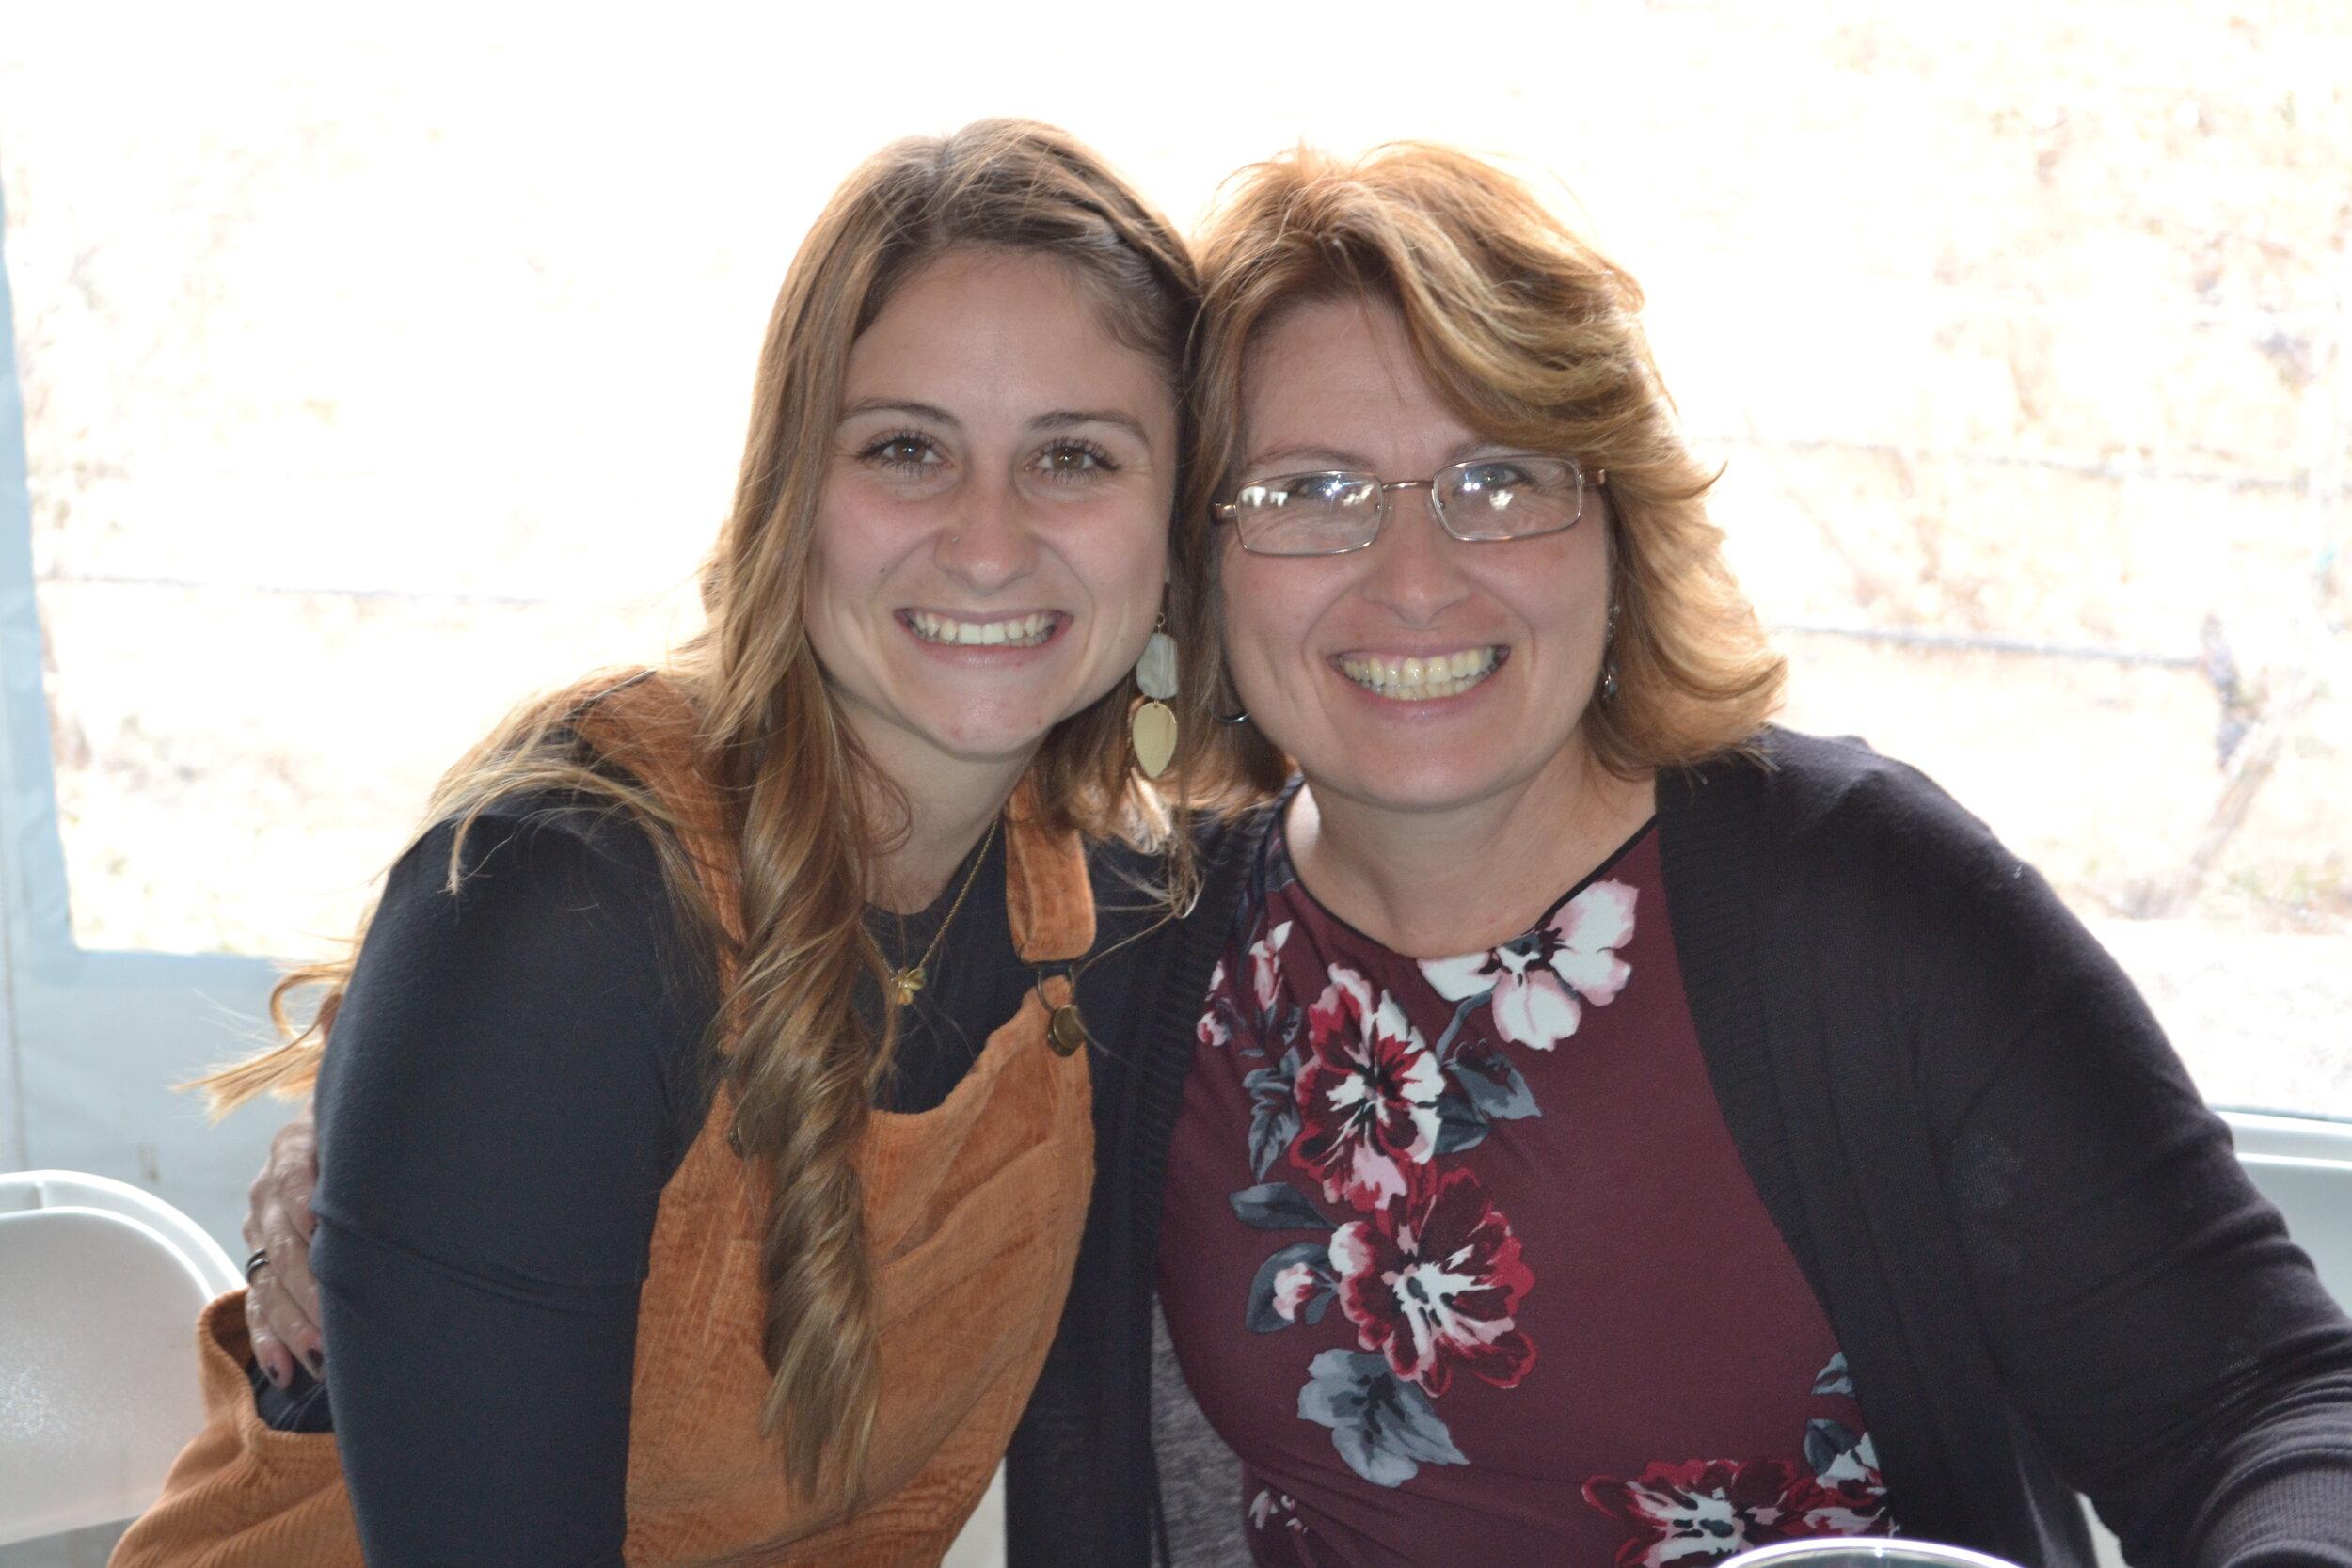 Holly & Casey, October 2019